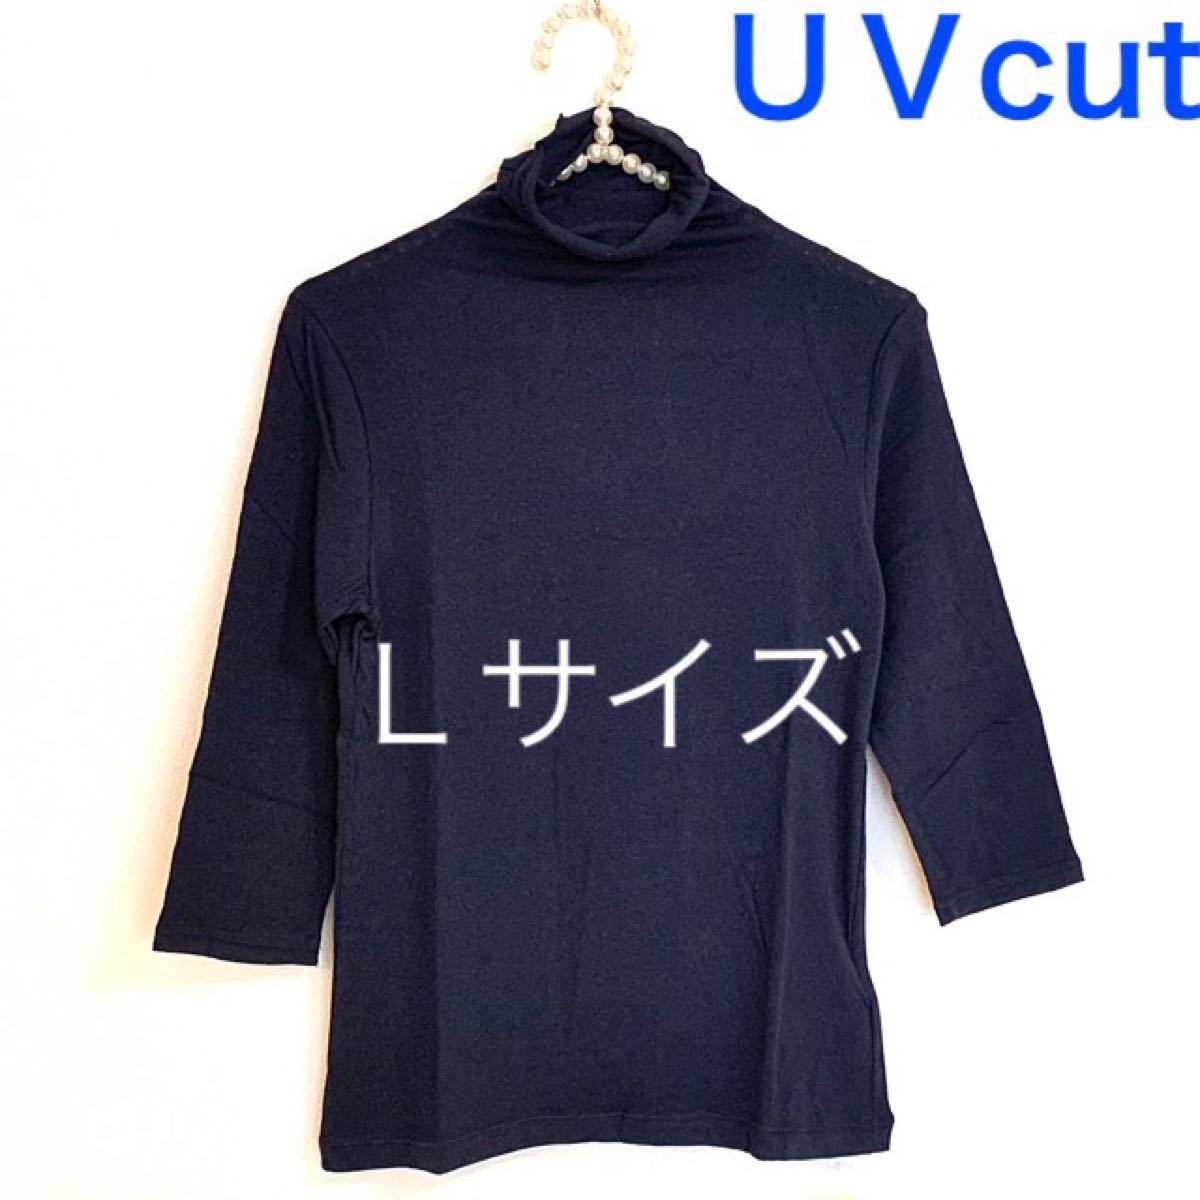 7分袖【Lサイズ】ネイビー★UVカットハイネックカットソー